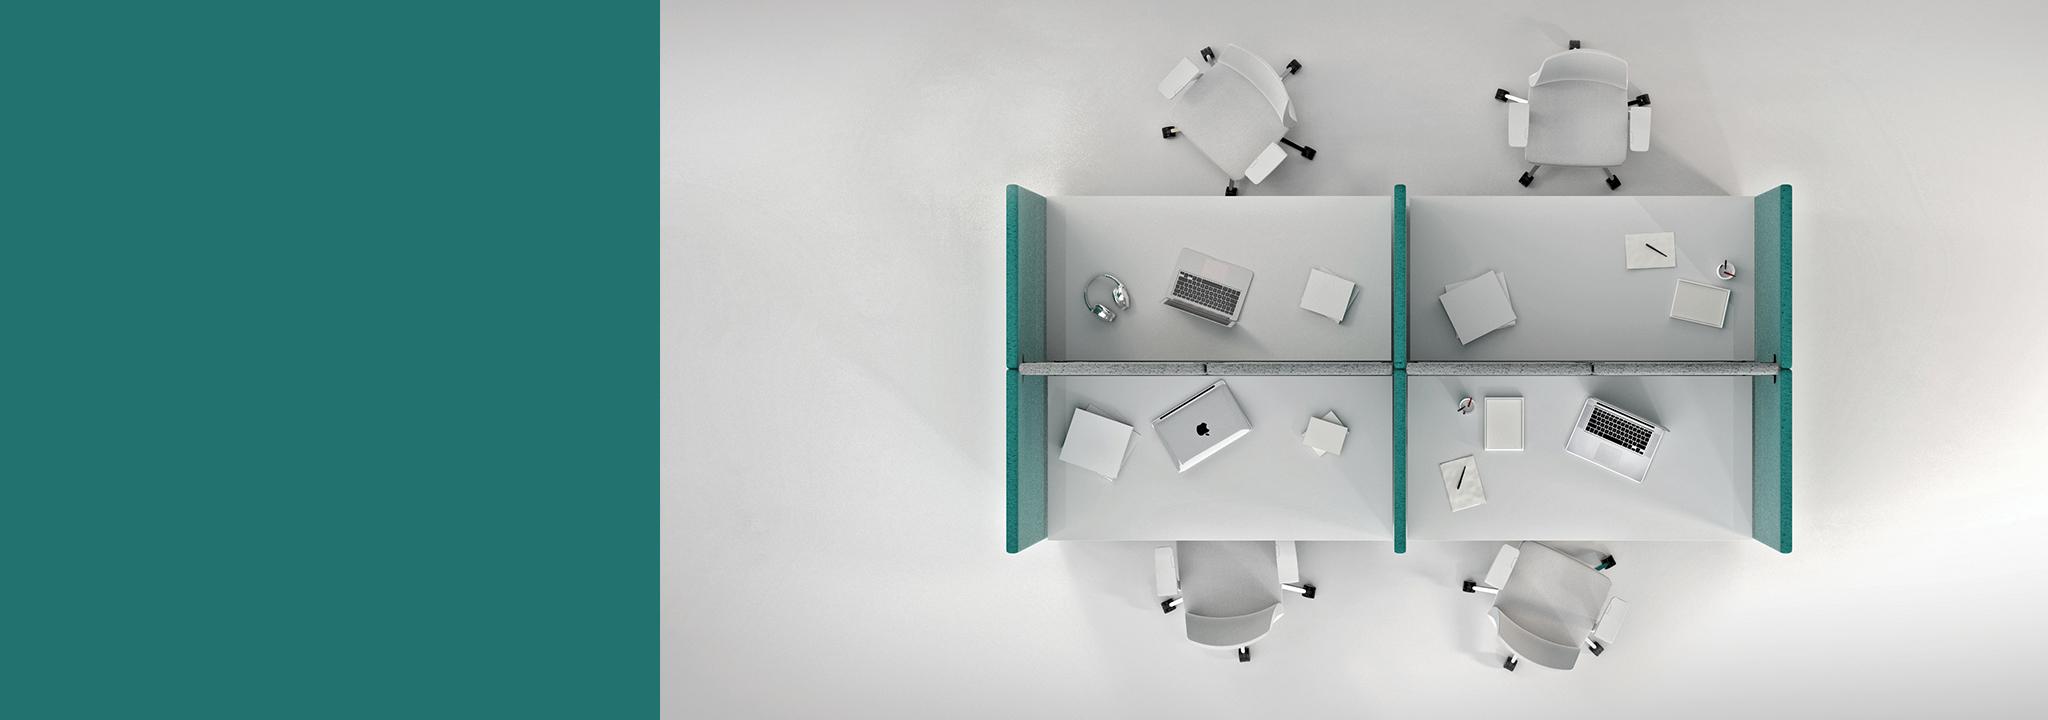 Akustikplanung. Wir erarbeiten ein individuelles Konzept gegen Lärm und Hall im Büro. © Hush